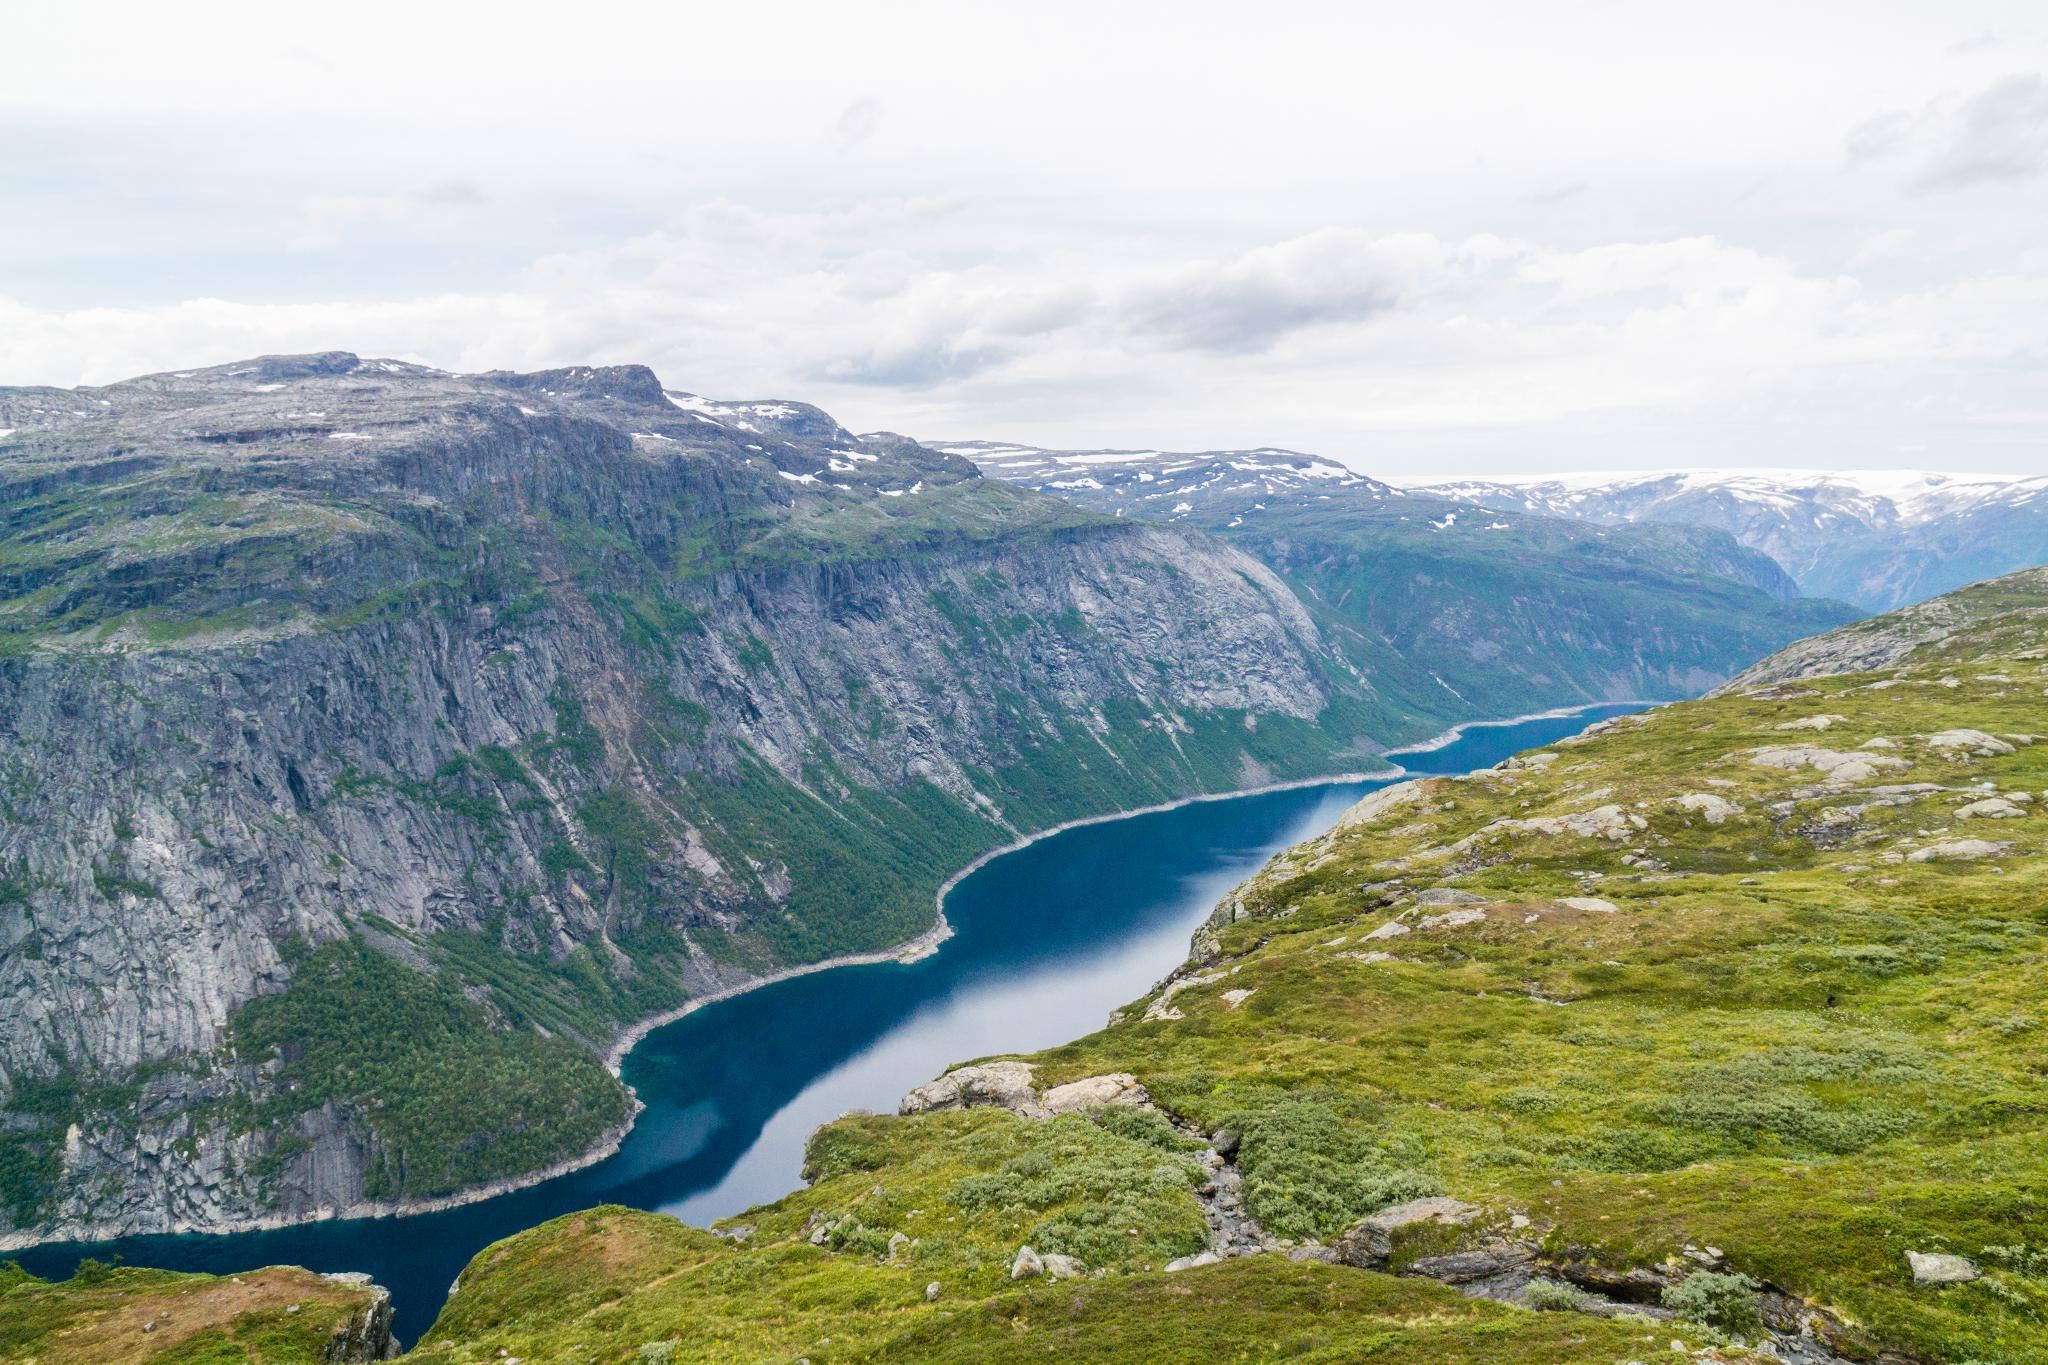 【北歐景點】挪威惡魔之舌 Trolltunga — 28公里健行挑戰全攻略 209